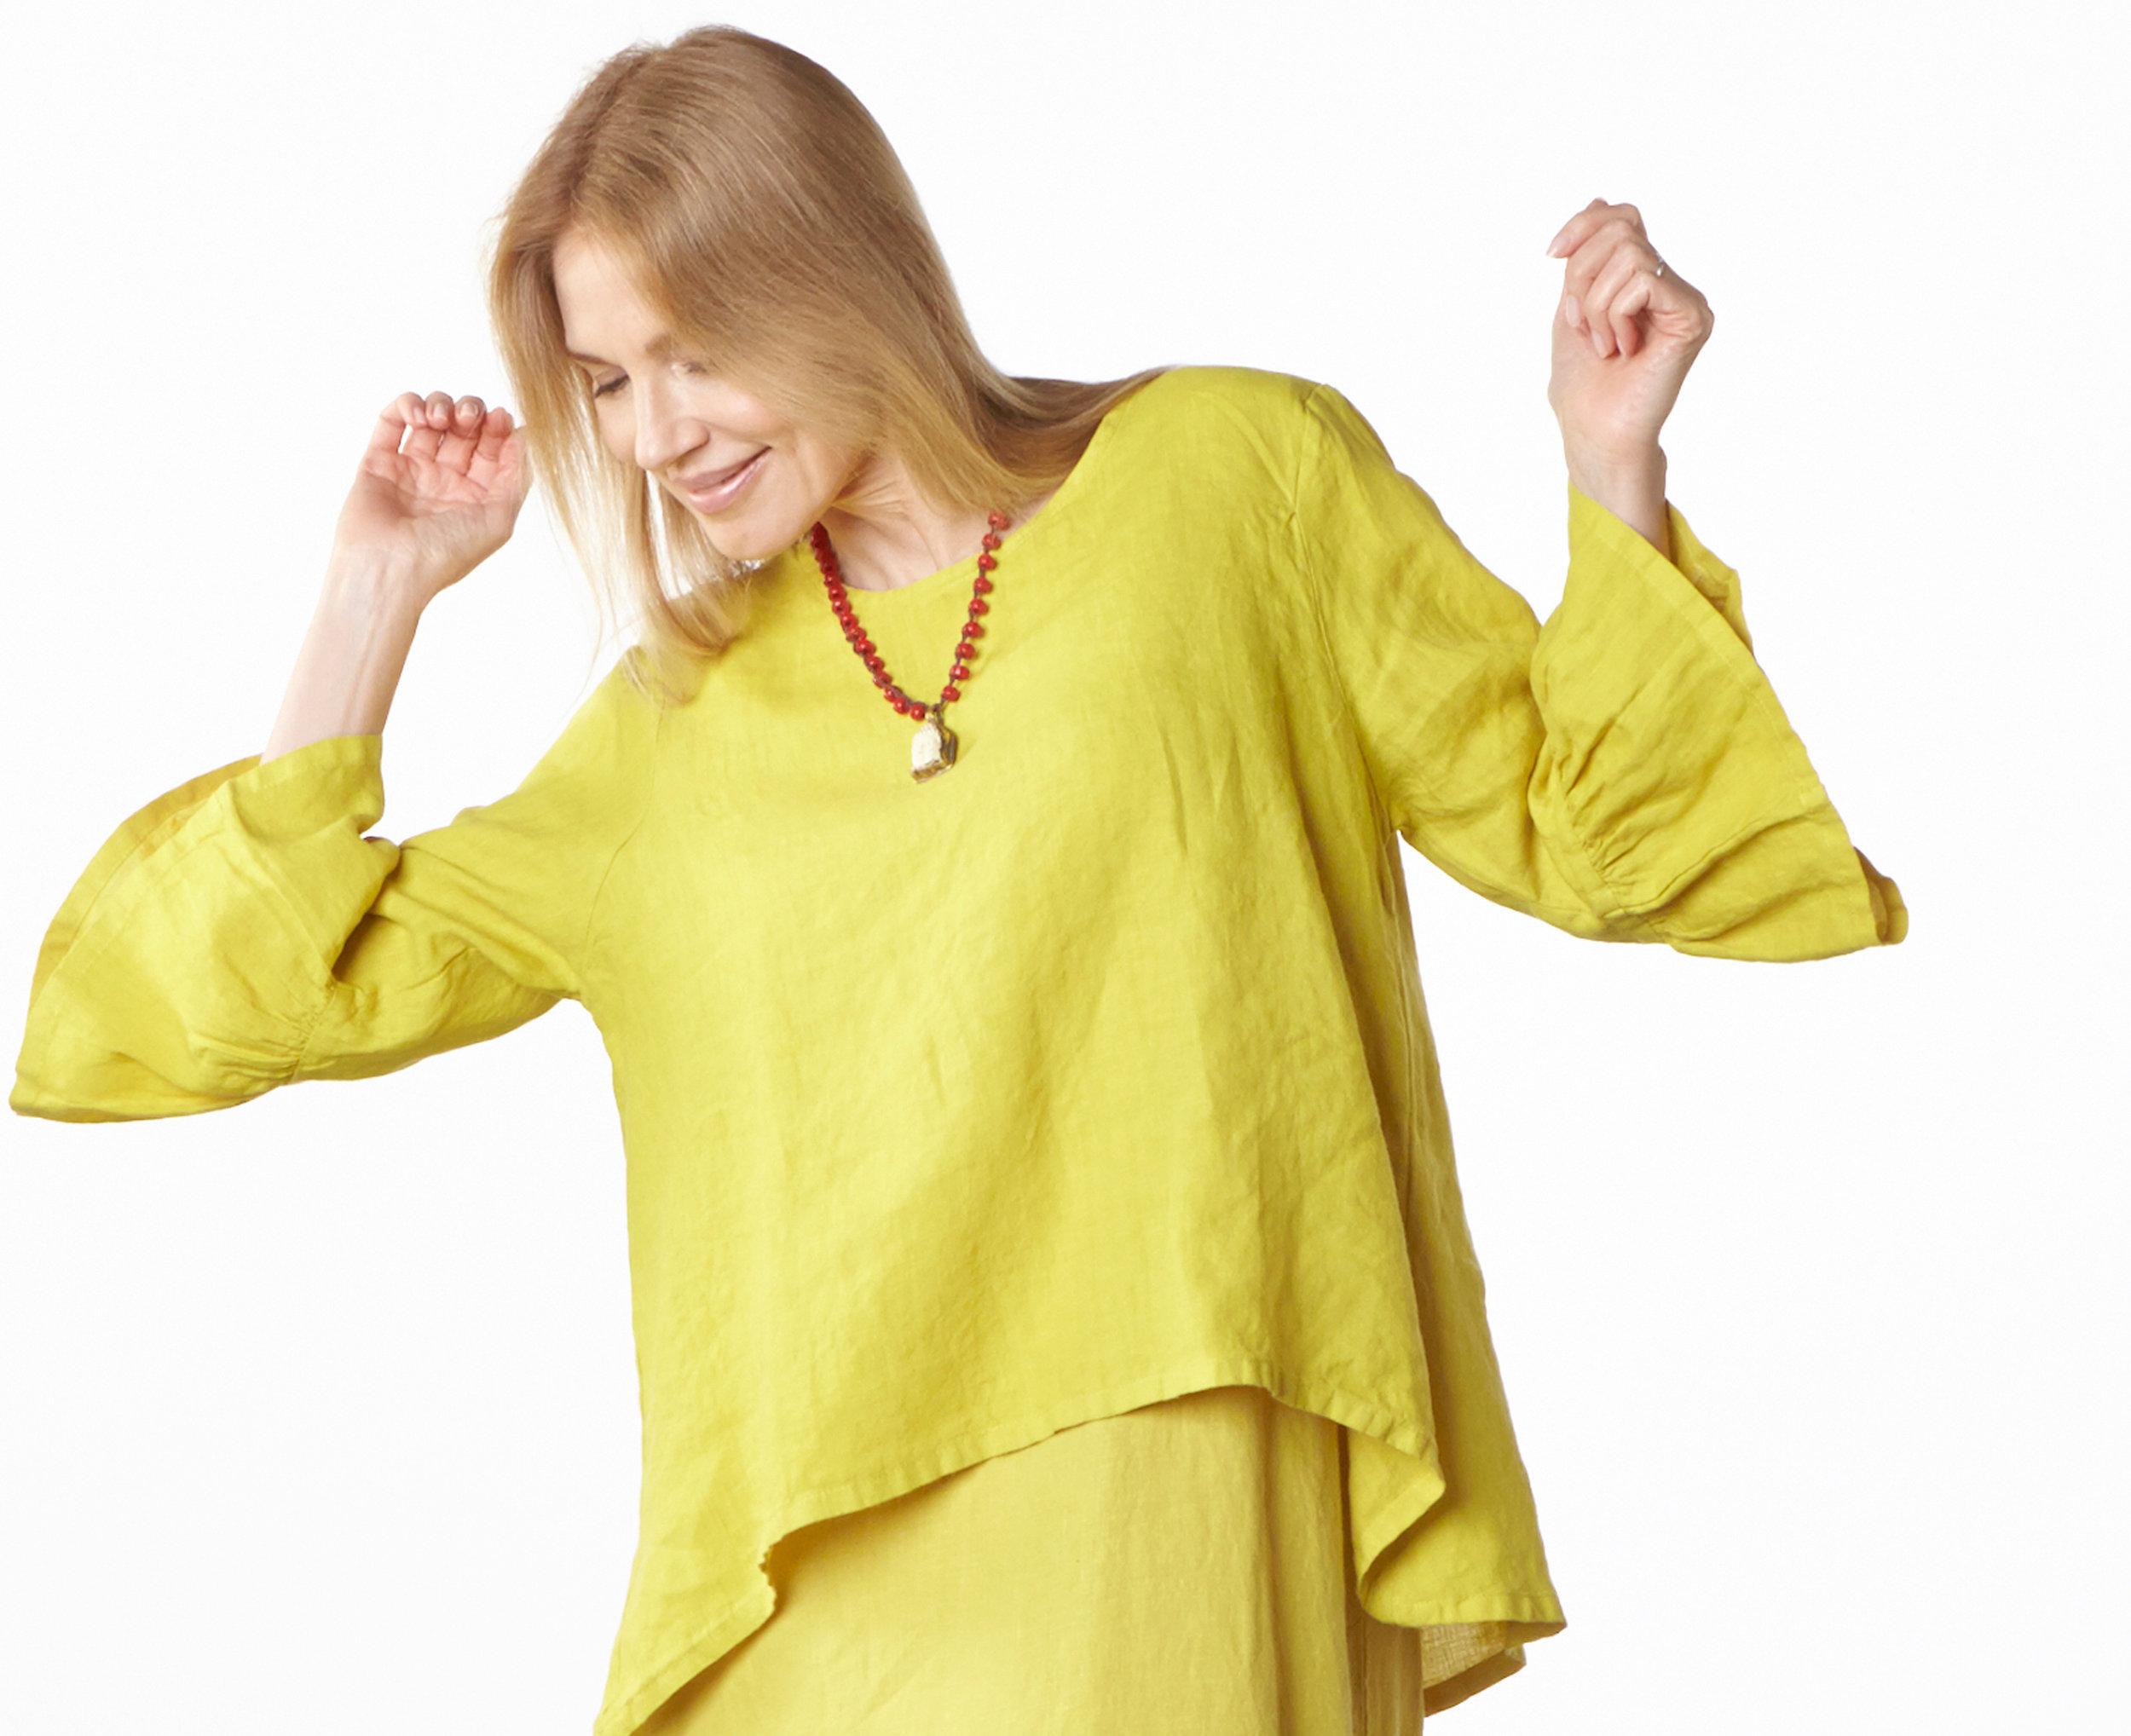 Fran Shirt, Salome Dress in Oriole Light Linen